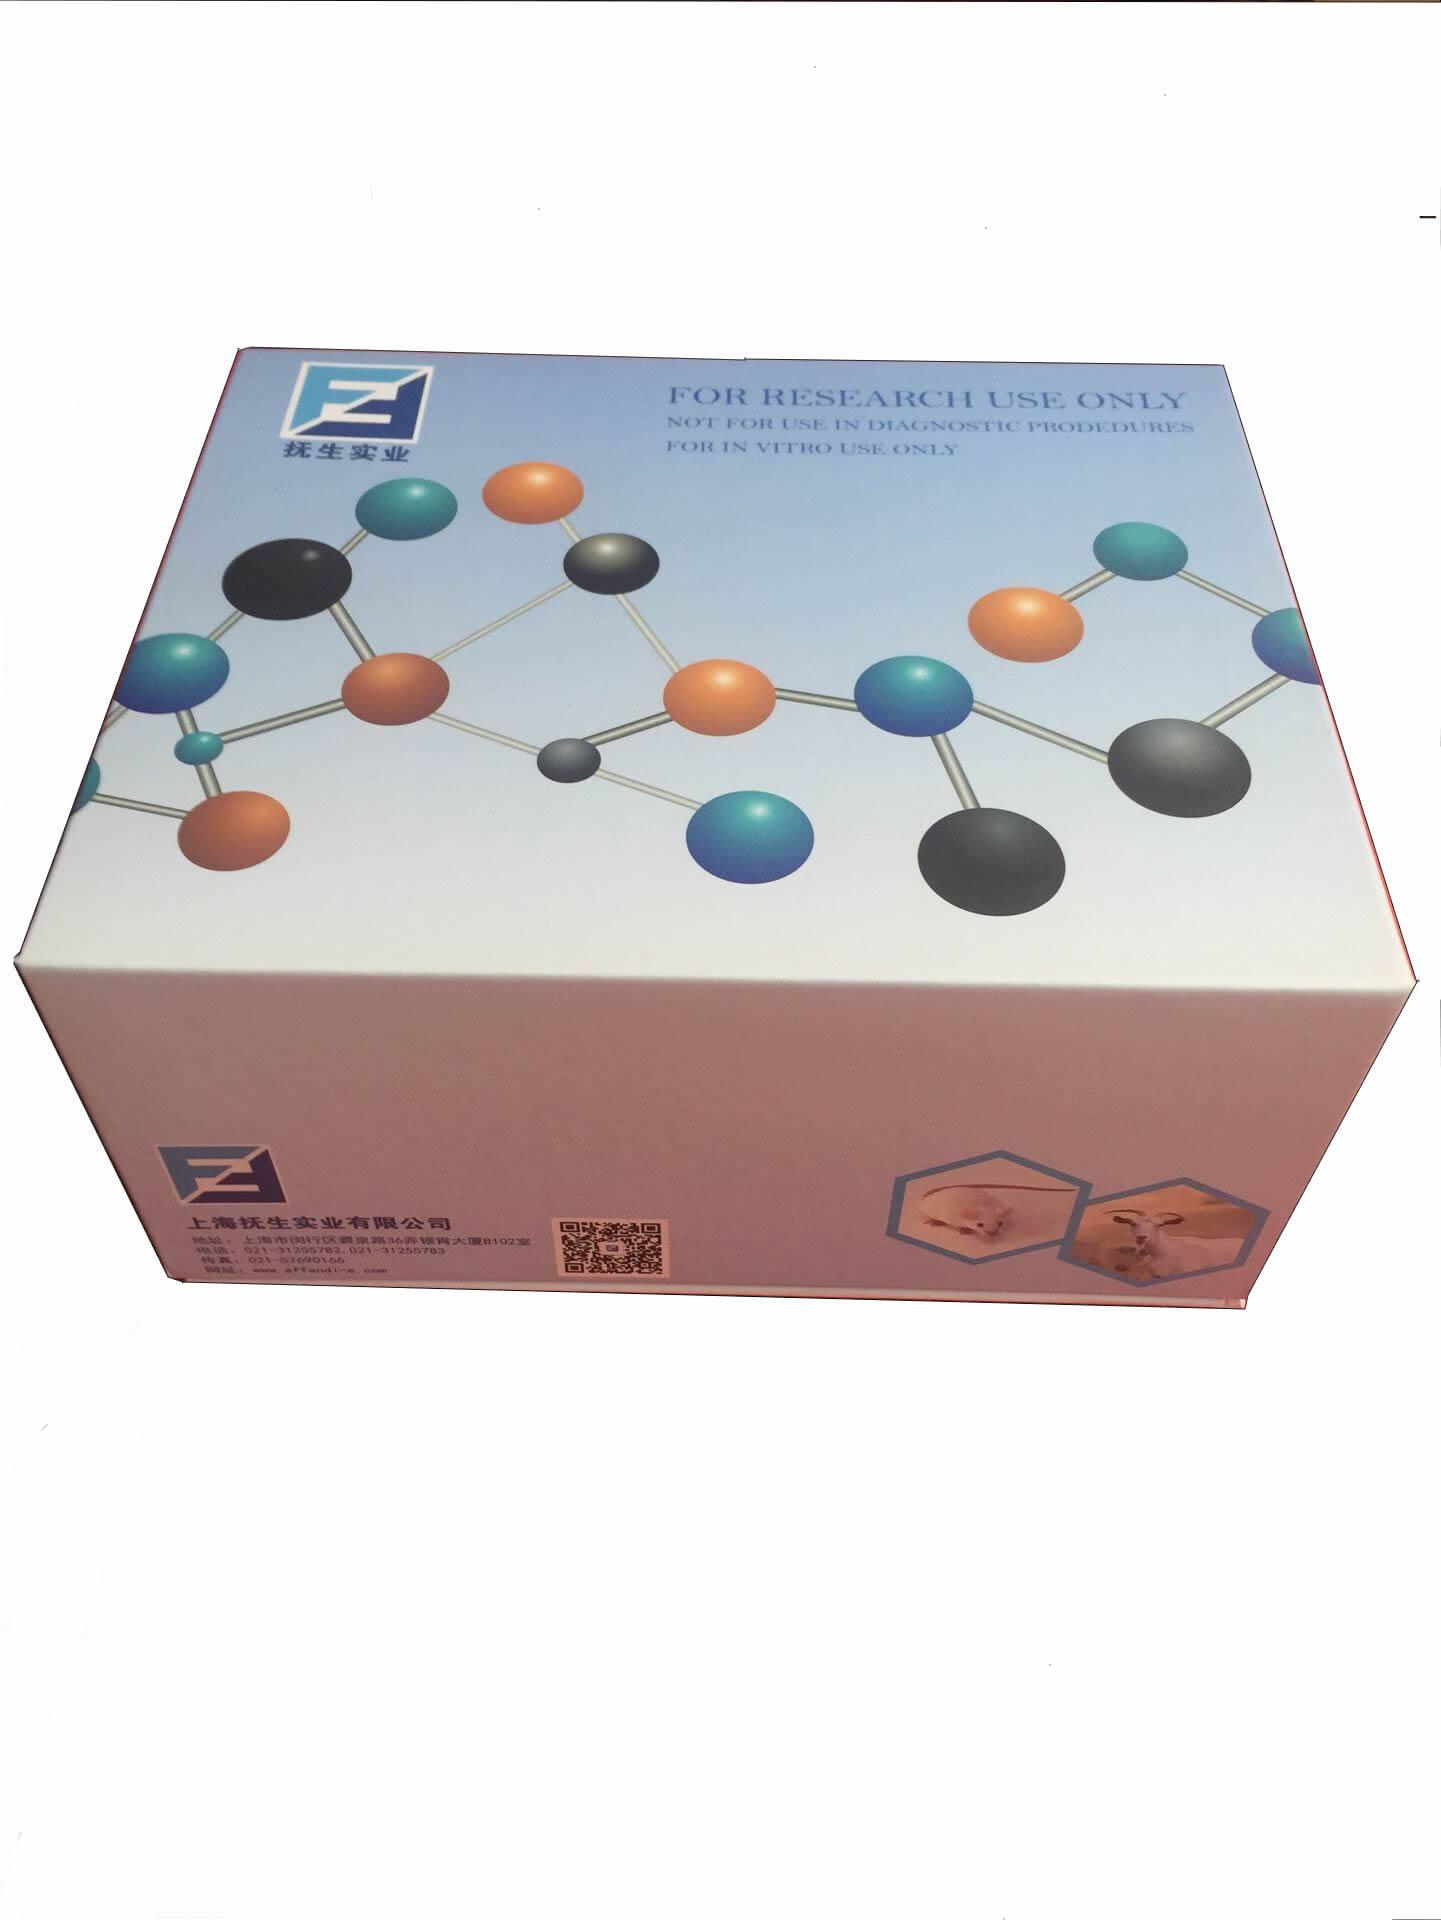 磷脂酸磷酸脂酶检测试剂盒